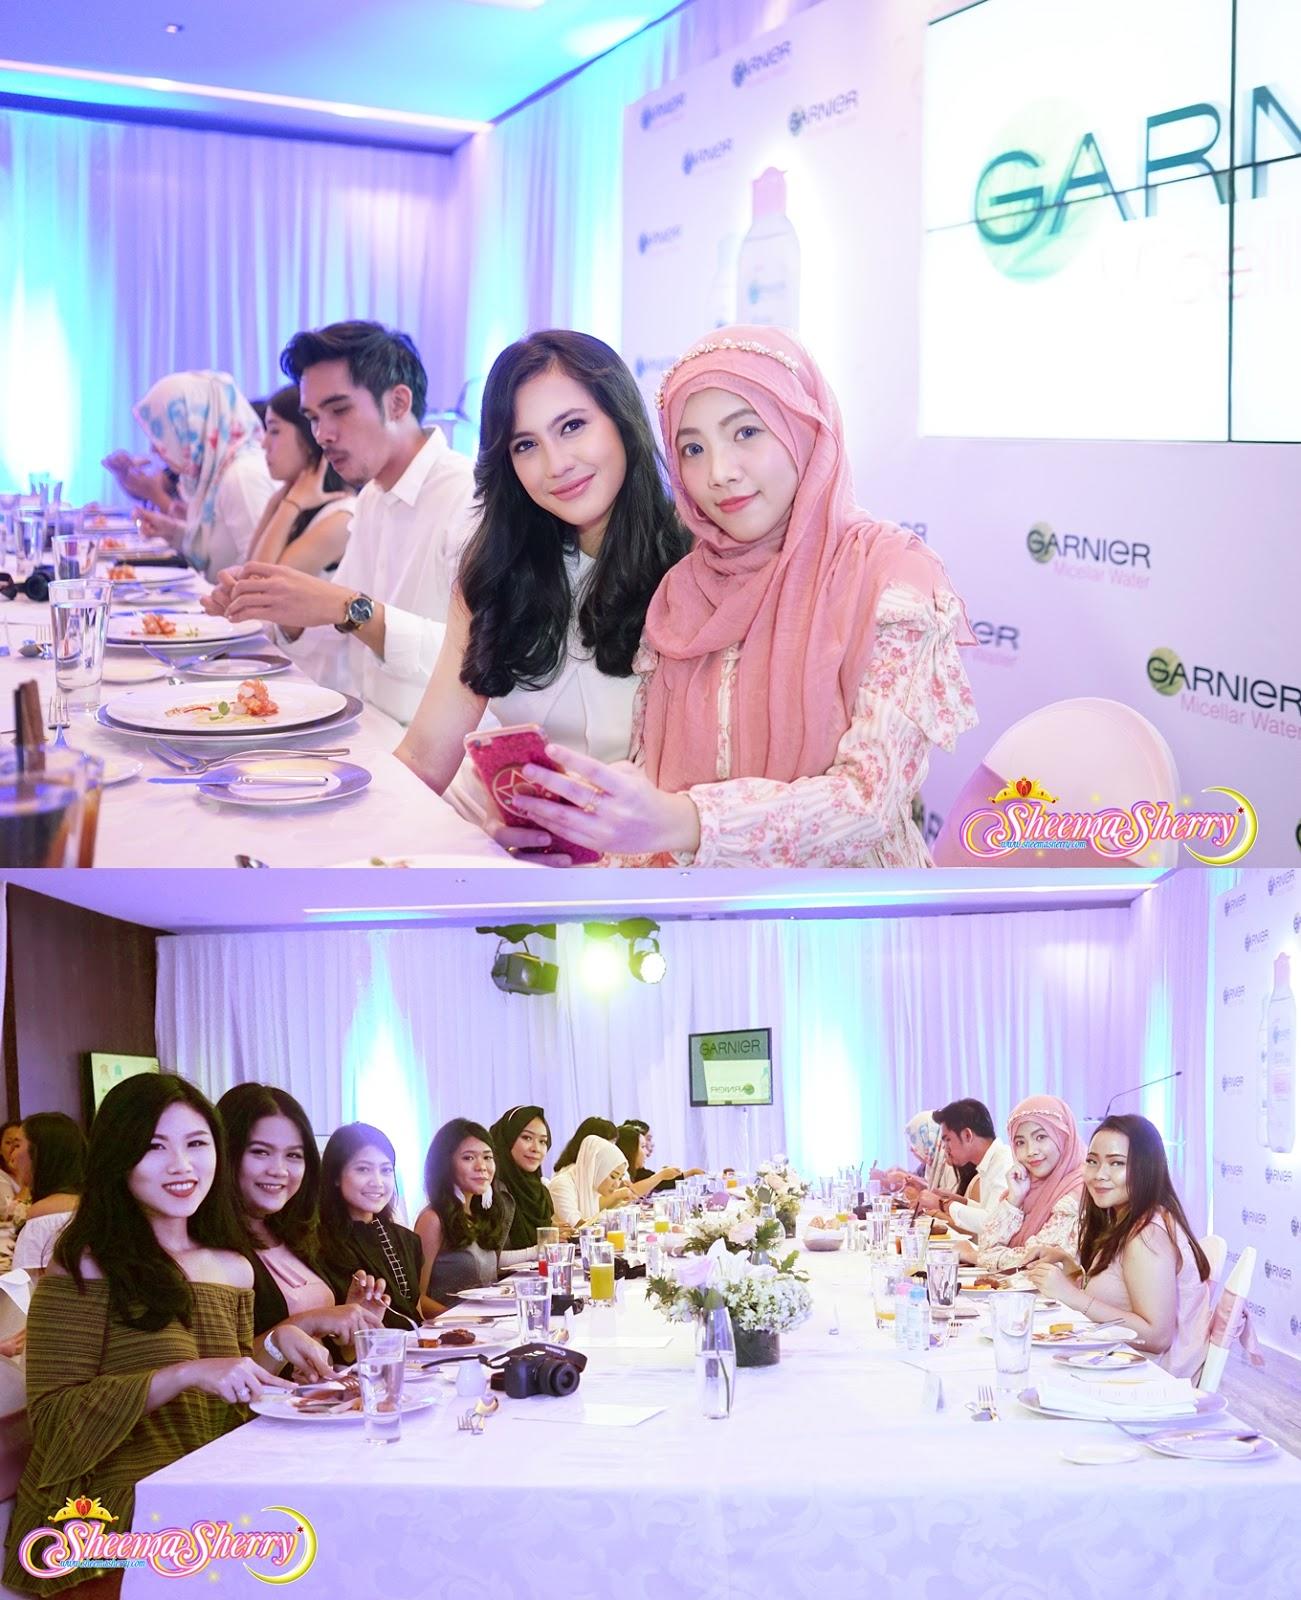 PAJAMA PARTY! Garnier Micellar Water Launching @ Grand Hyatt Jakarta, Indonesia Kawaii Hijabi Sheemasherry Sheema Sherry